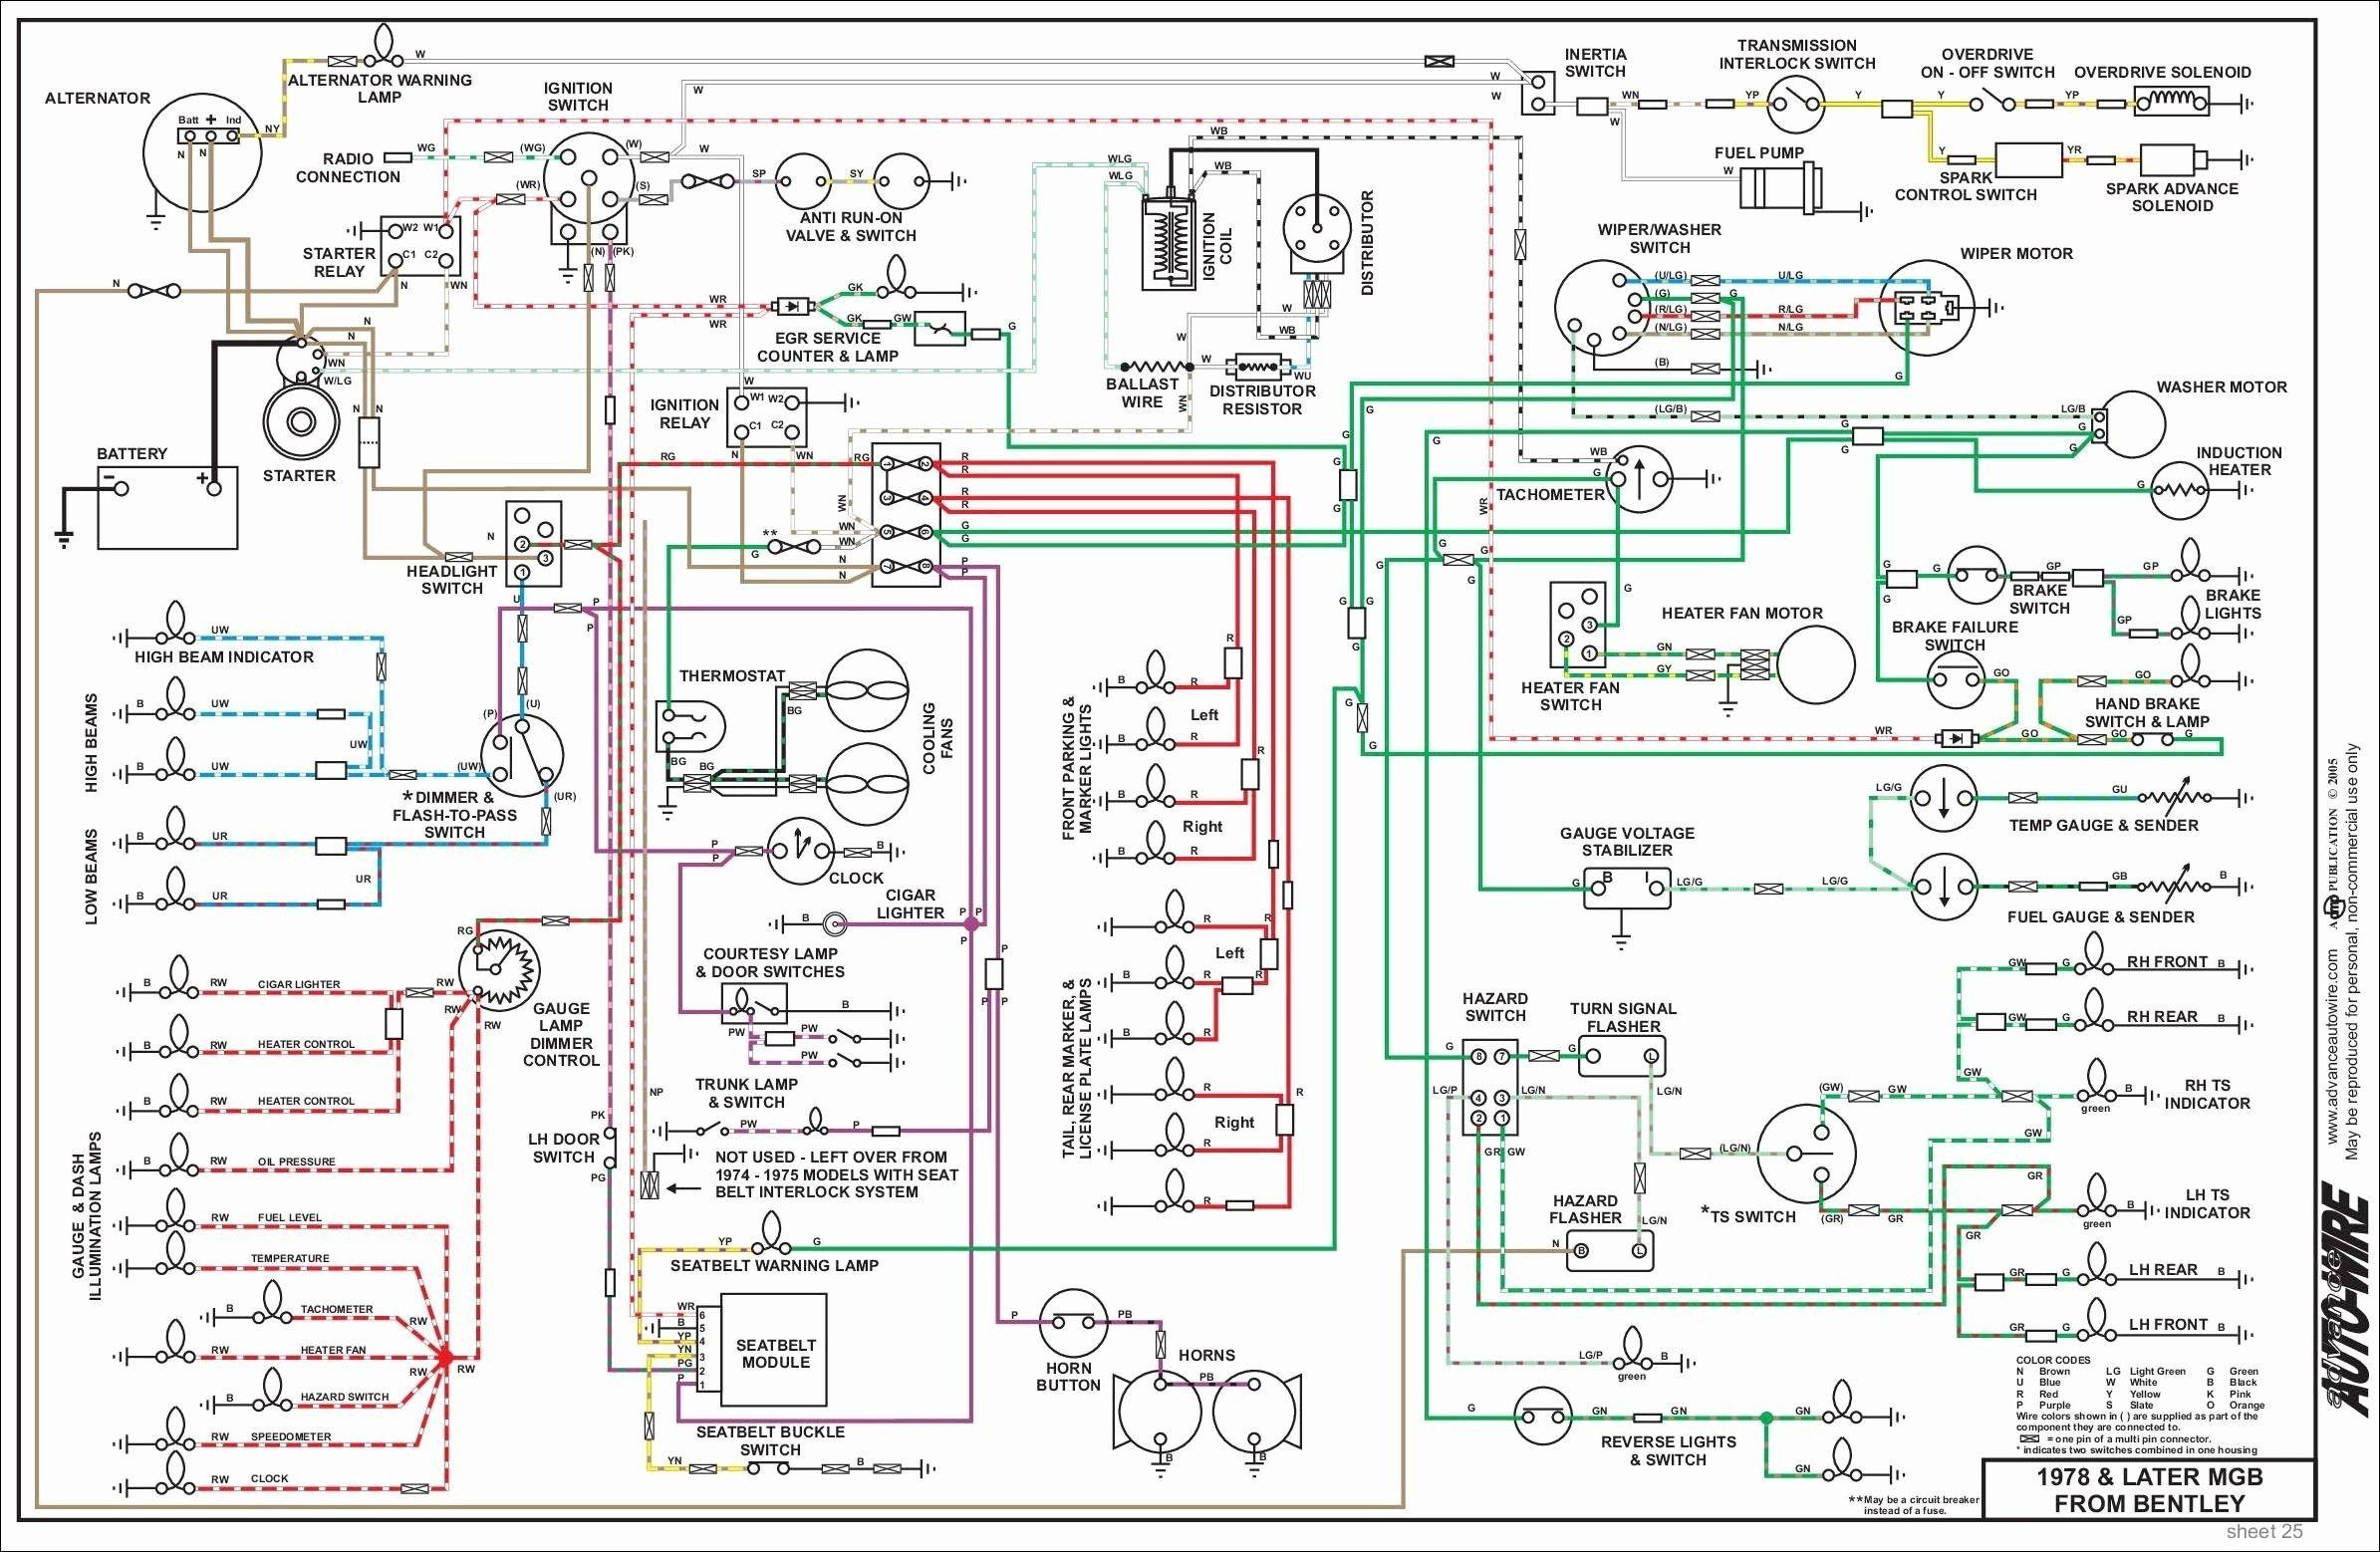 2016 Ram 1500 Parking Lamp Circut Diagram New Vans Aircraft Wiring Diagram Diagramsample Of 2016 Ram 1500 Parking Lamp Circut Diagram